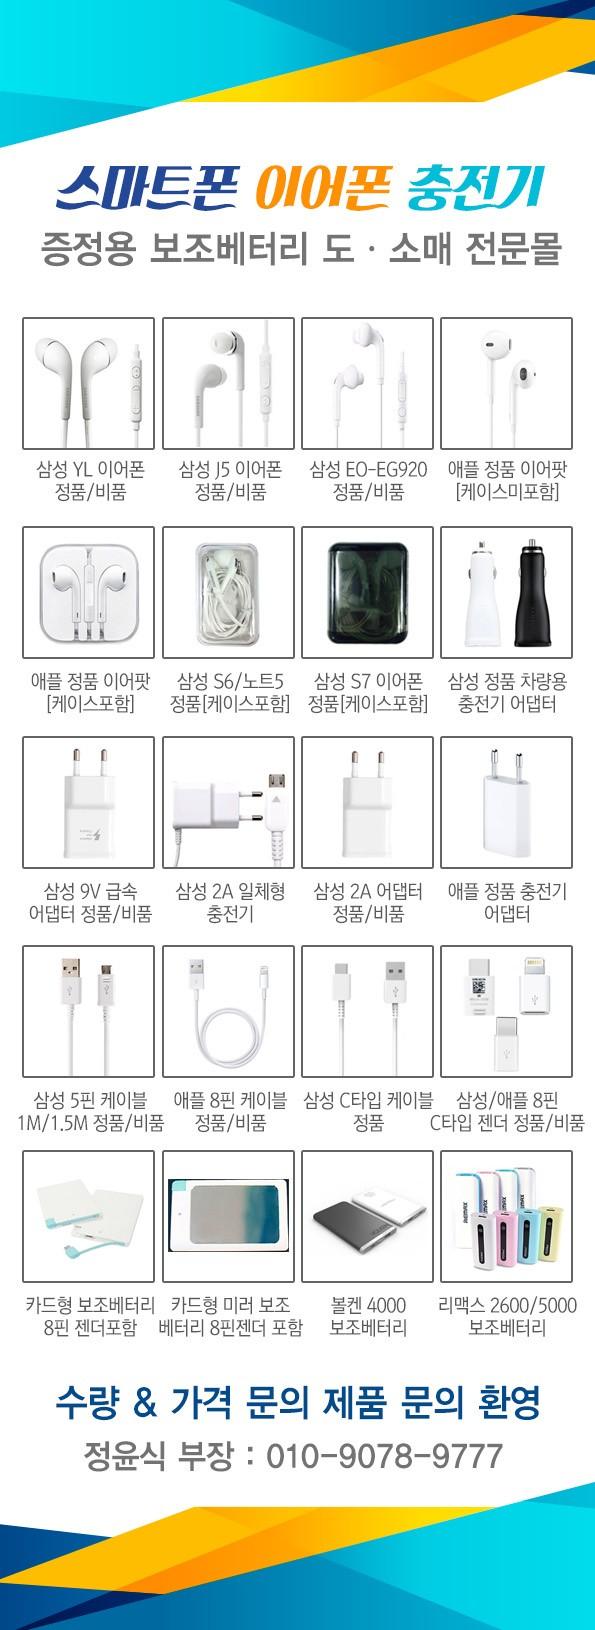 삼성정품 충전기및 이어폰 도매드립니다.